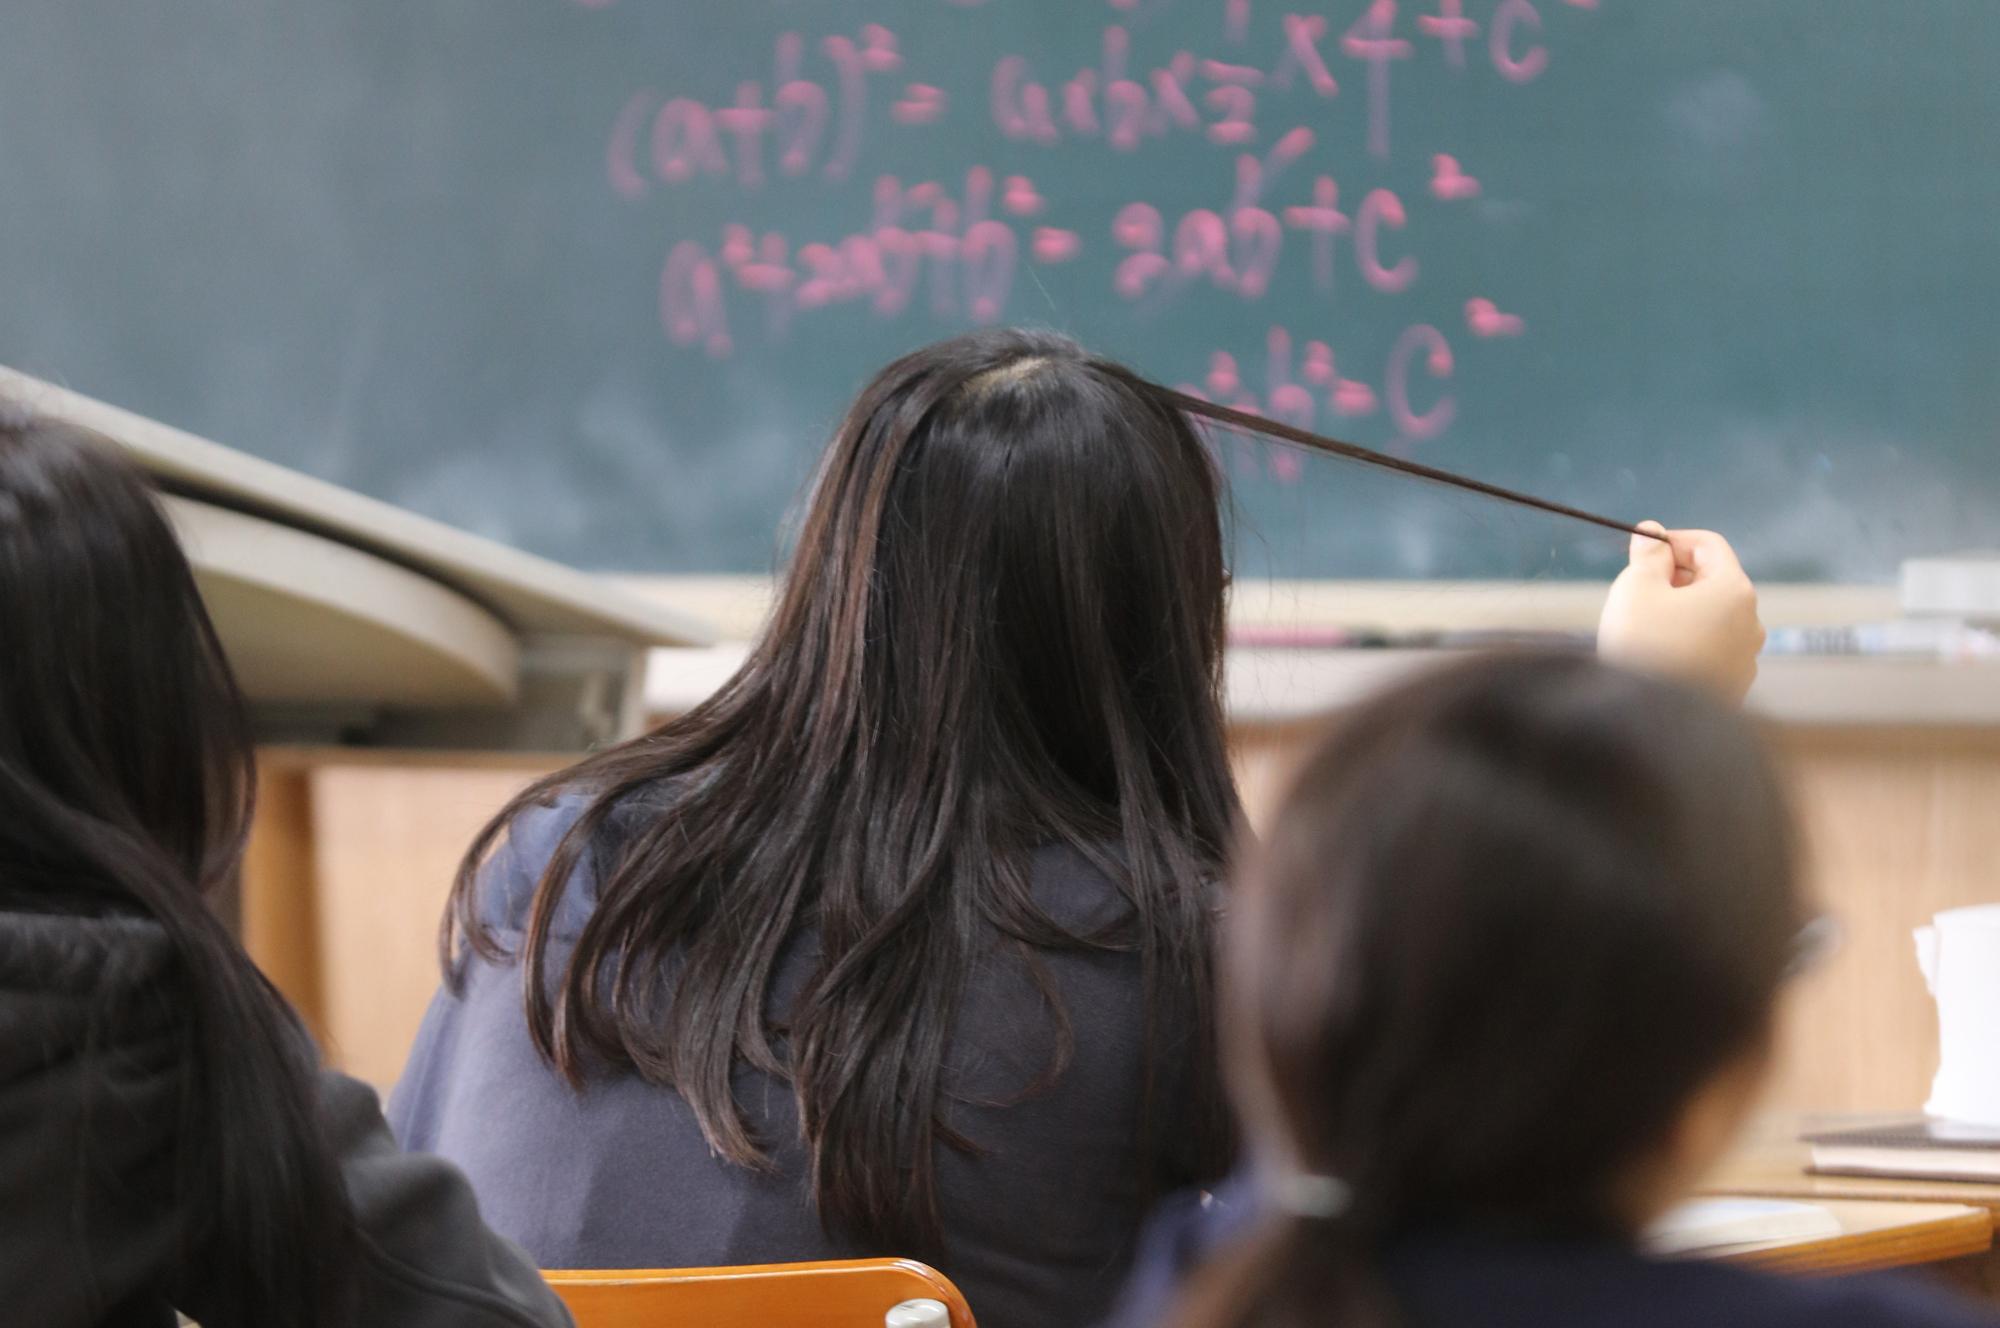 서울의 한 중학교에서 여학생이 수업 도중 머리를 만지고 있다. [연합뉴스]